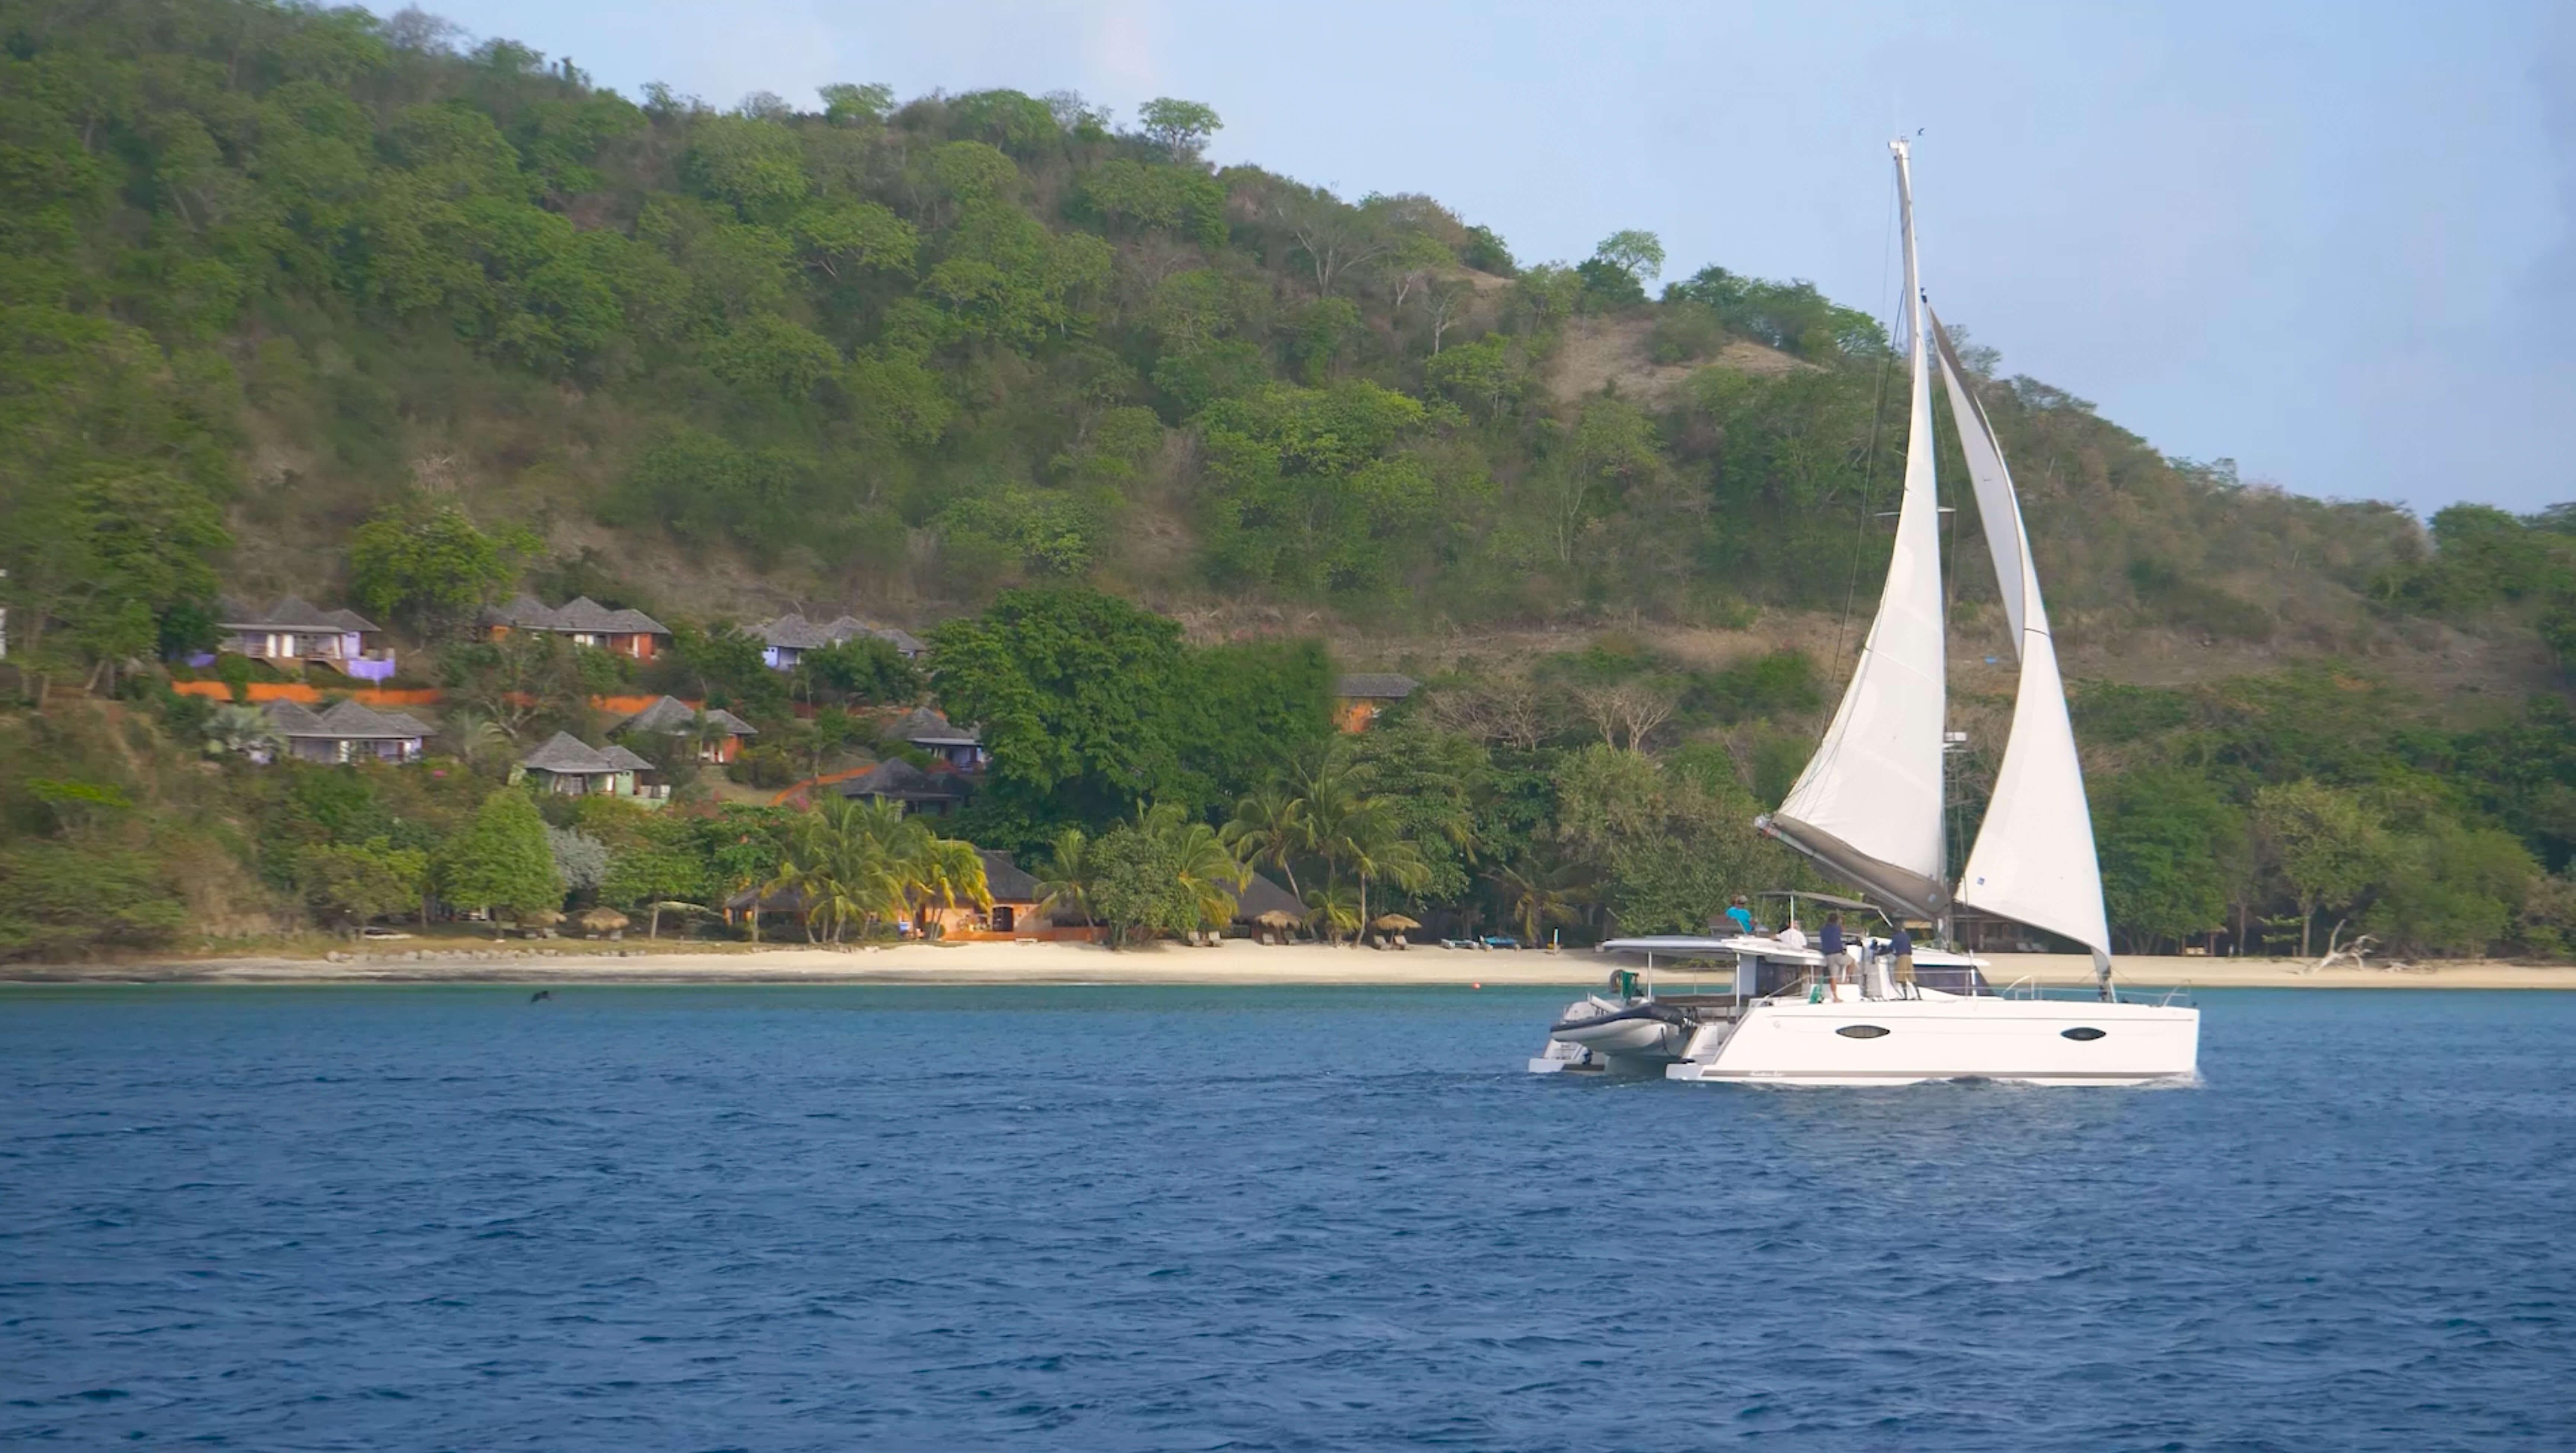 laluna's private yacht